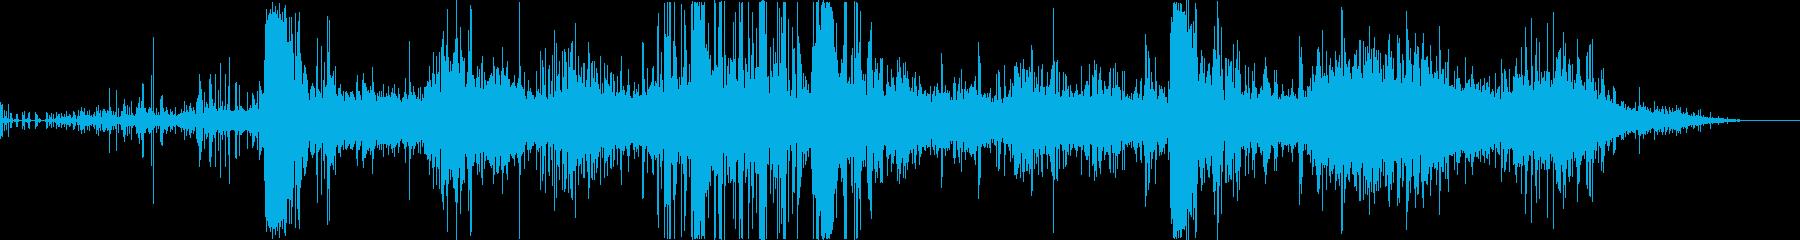 【ゲーム】 戦場_01 岩が崩れるの再生済みの波形